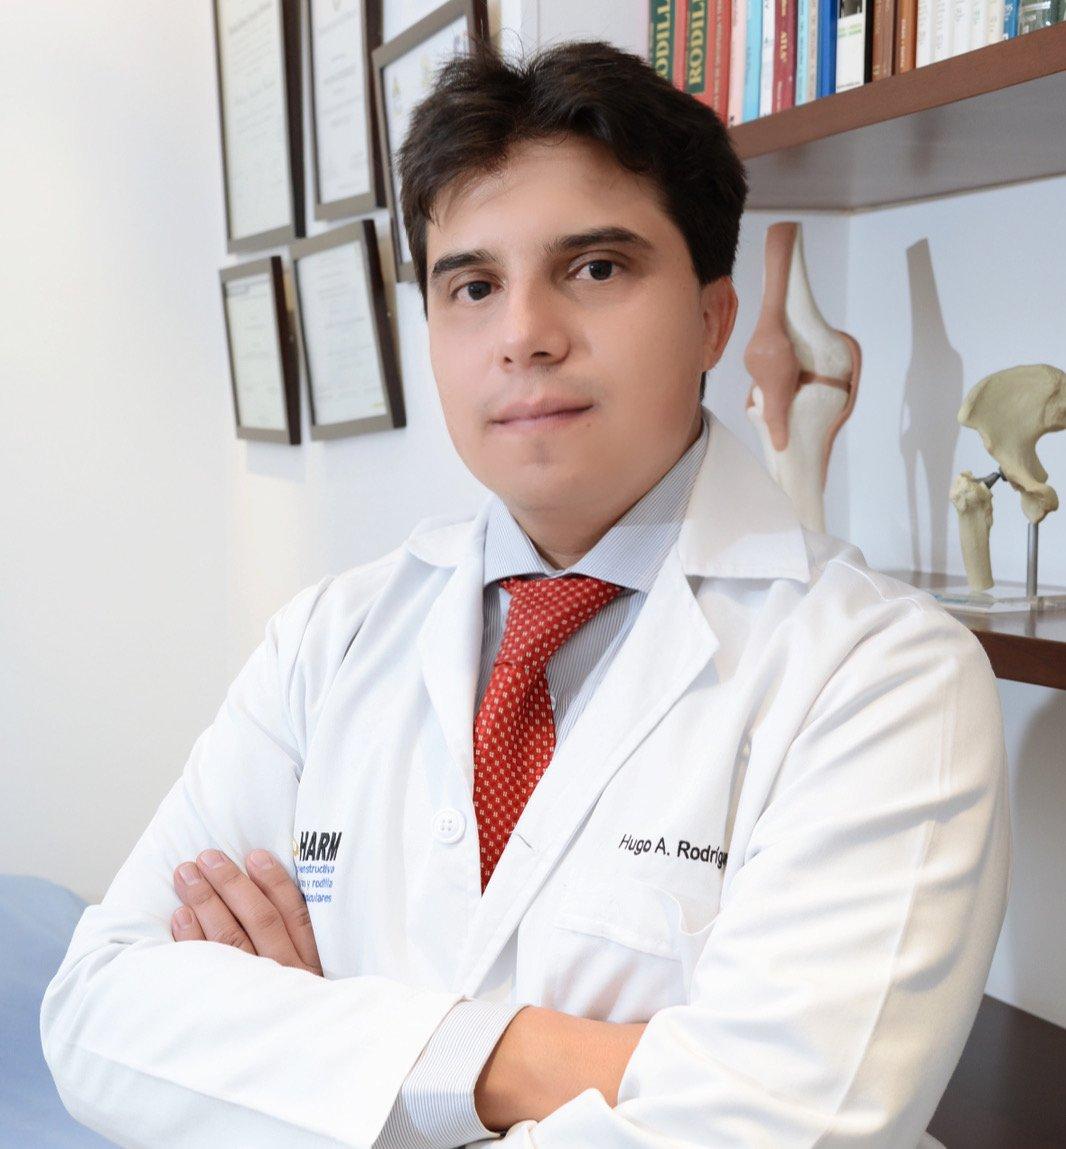 Dr. Hugo Armando Rodríguez Moreno